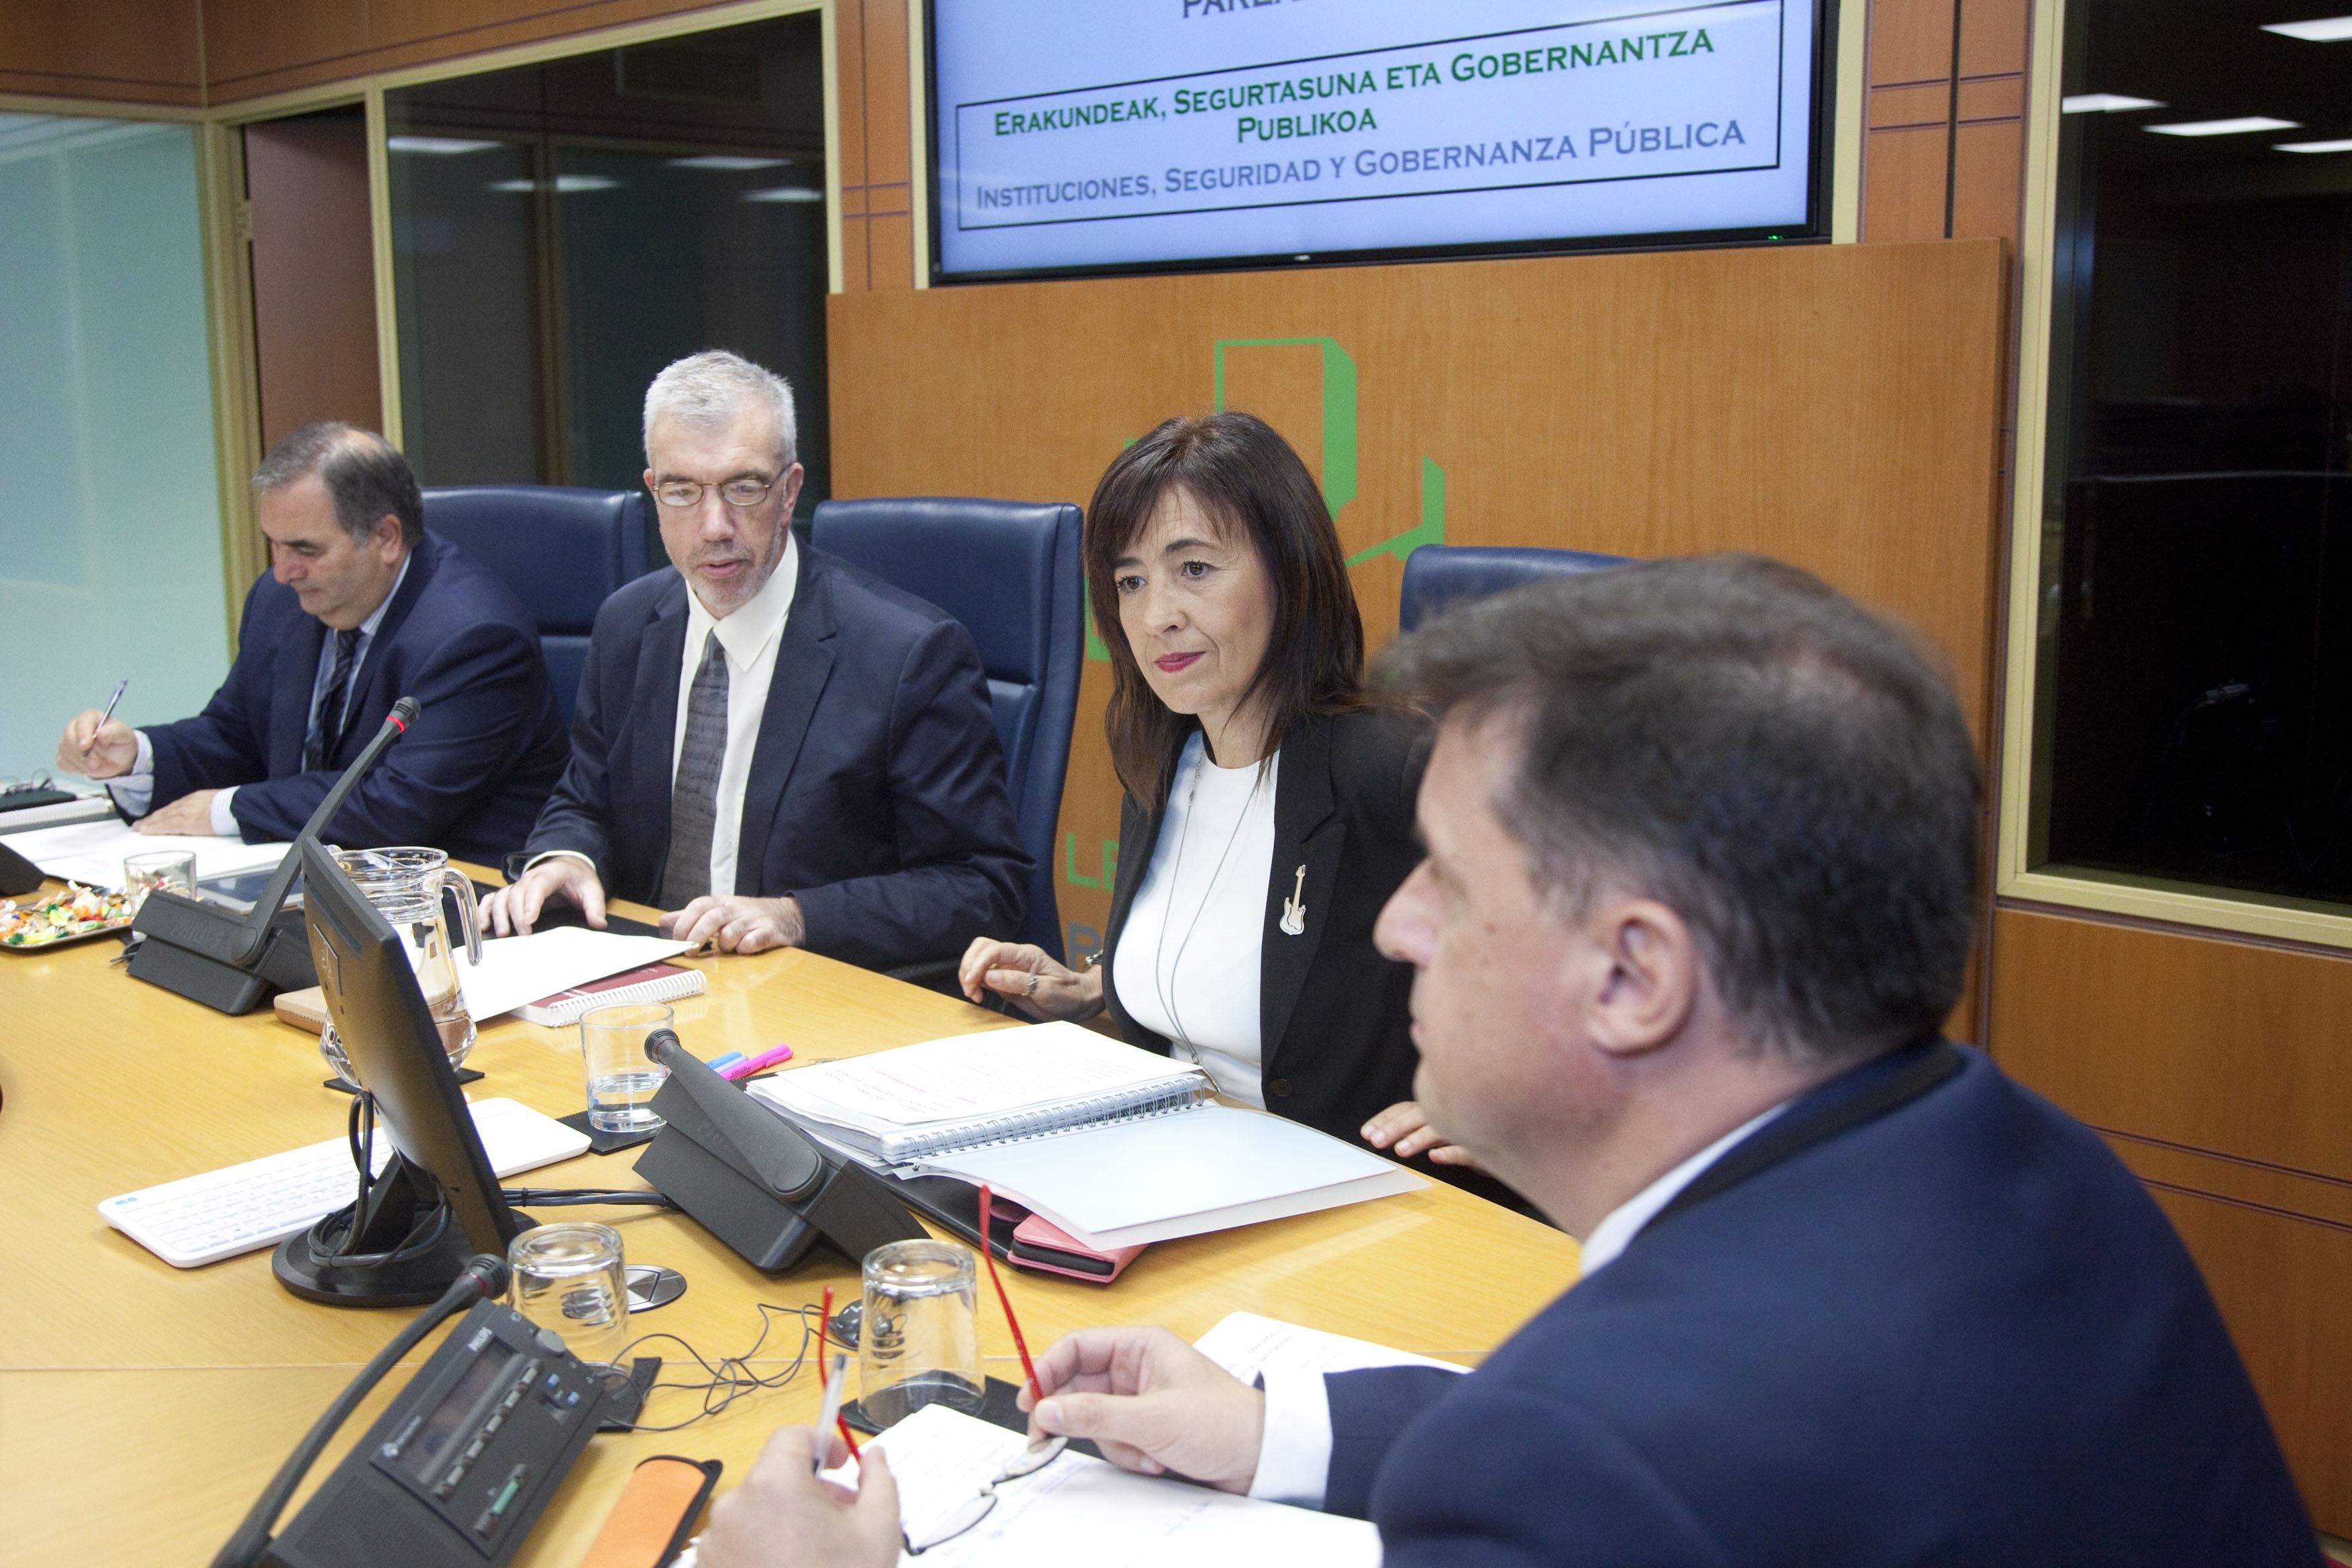 Comparecencia de Zearreta y Garamendi en la Comisión de Instituciones, Seguridad y Gobernanza Pública del Parlamento Vasco